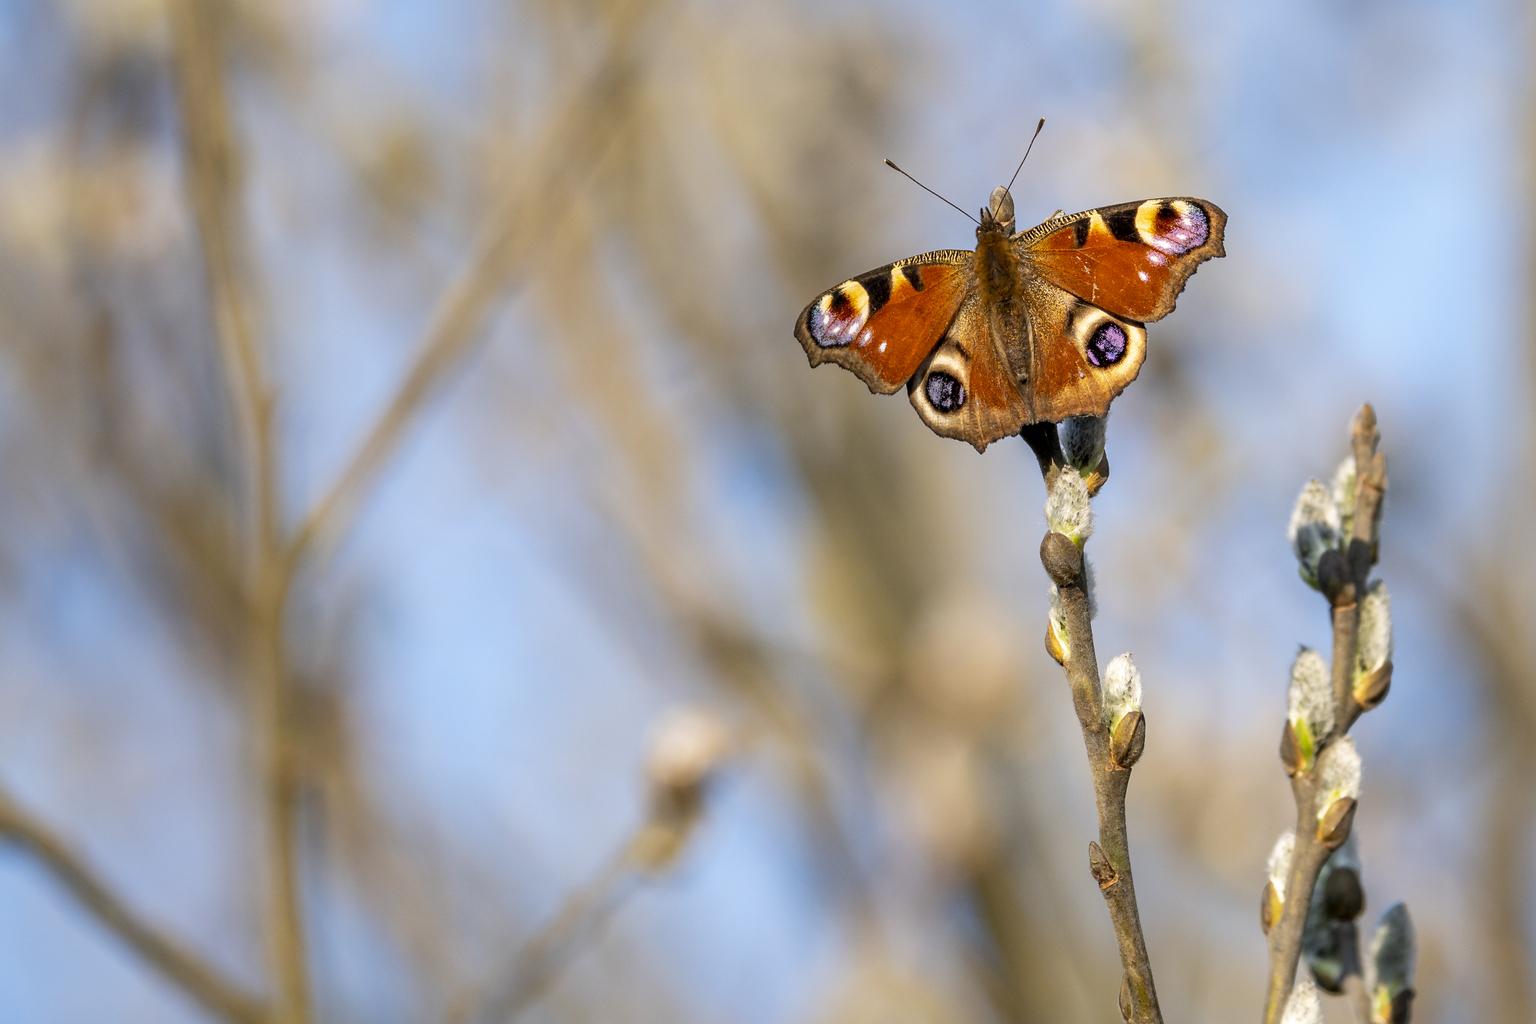 Vlinder - . - foto door Hugedad op 11-04-2021 - deze foto bevat: bestuiver, vlinder, geleedpotigen, fabriek, insect, motten en vlinders, takje, plaag, hout, ongewervelden